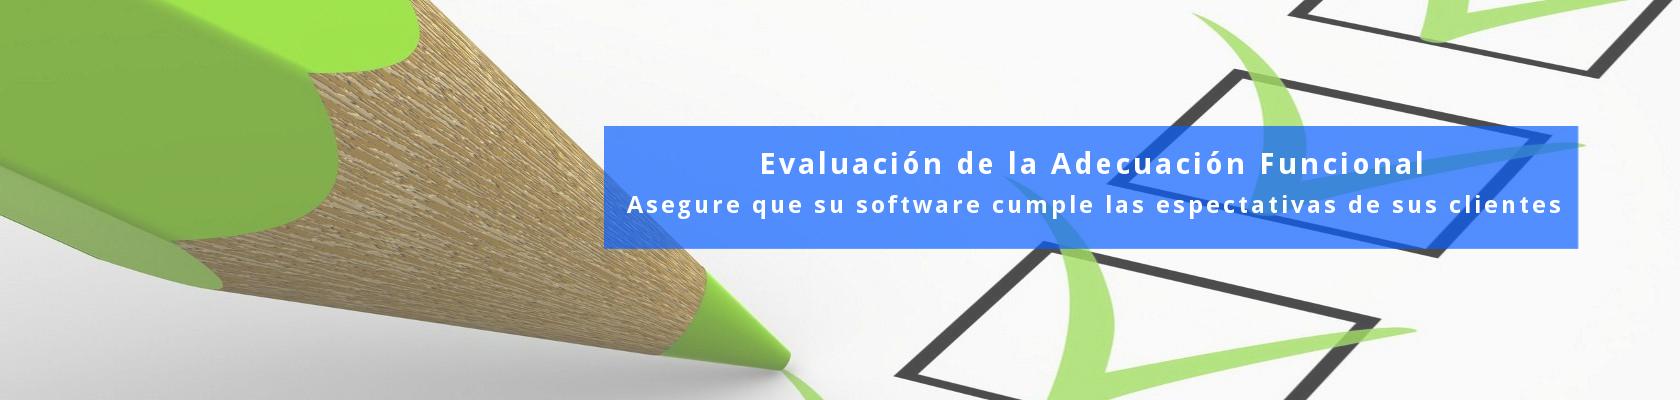 Evaluación de la Adecuación Funcional - ISO/IEC 25000